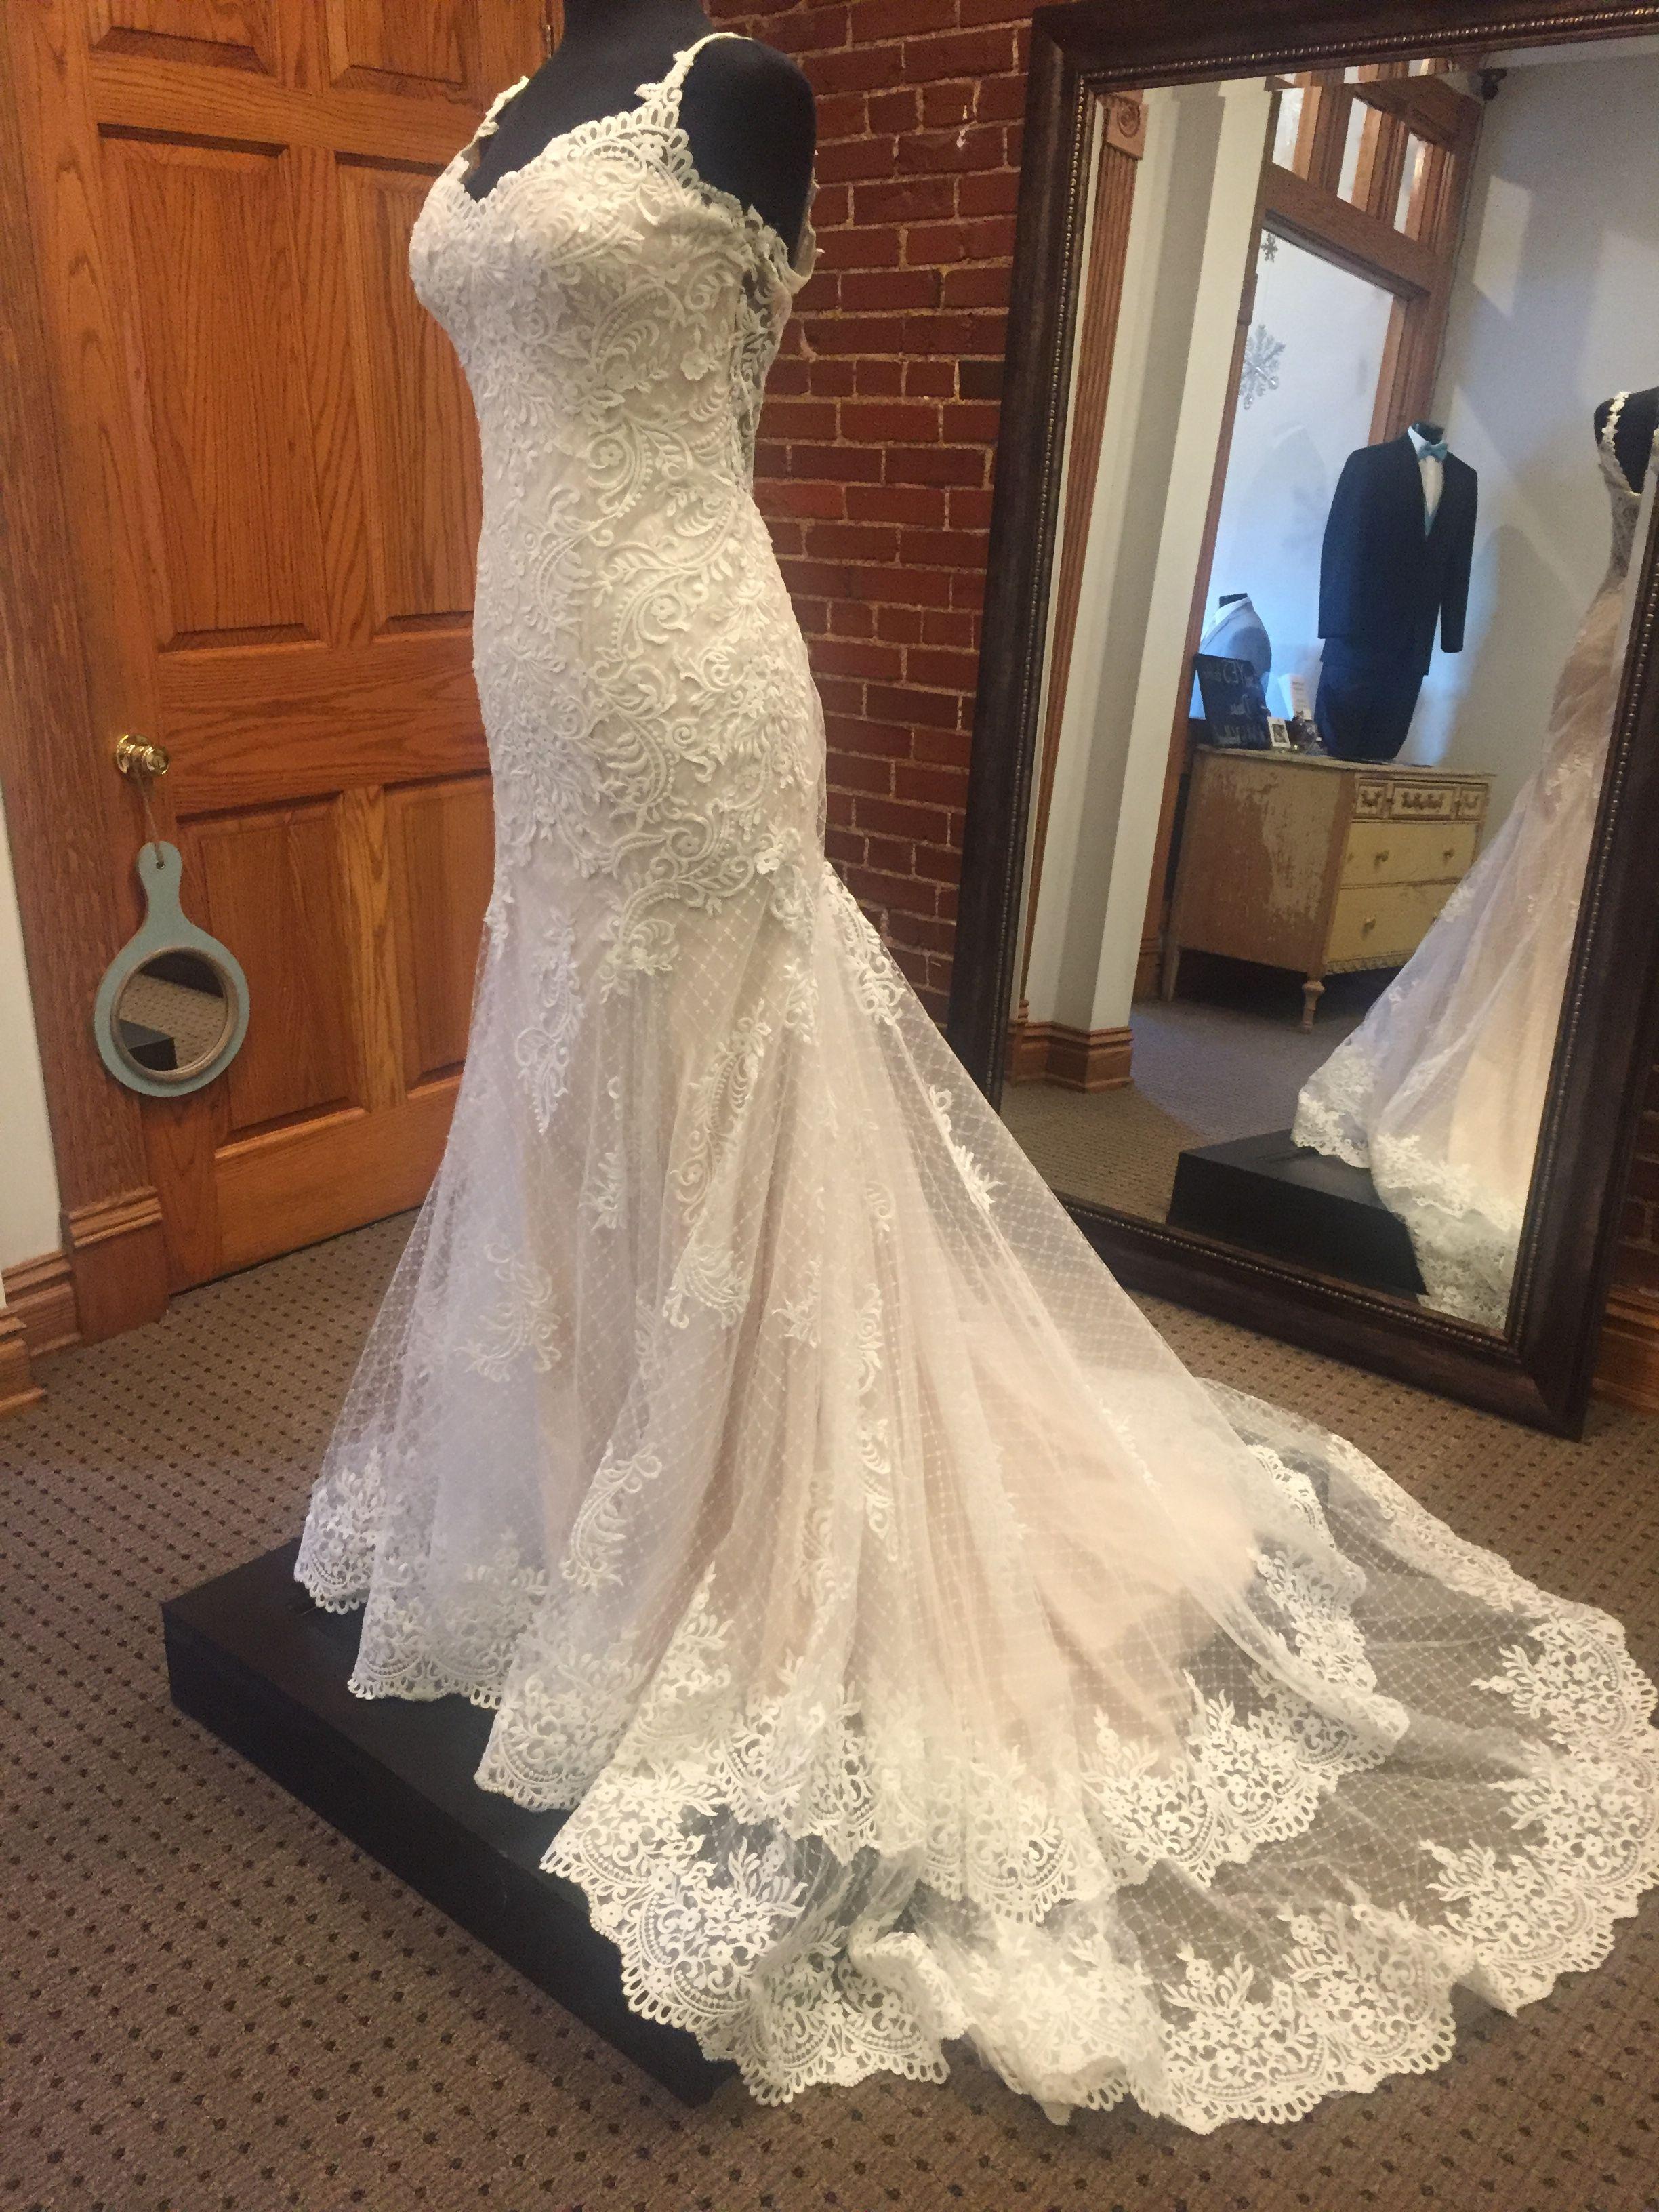 Lace keyhole back wedding dress  Stunning wedding gown with lace straps and keyhole back  Wedding